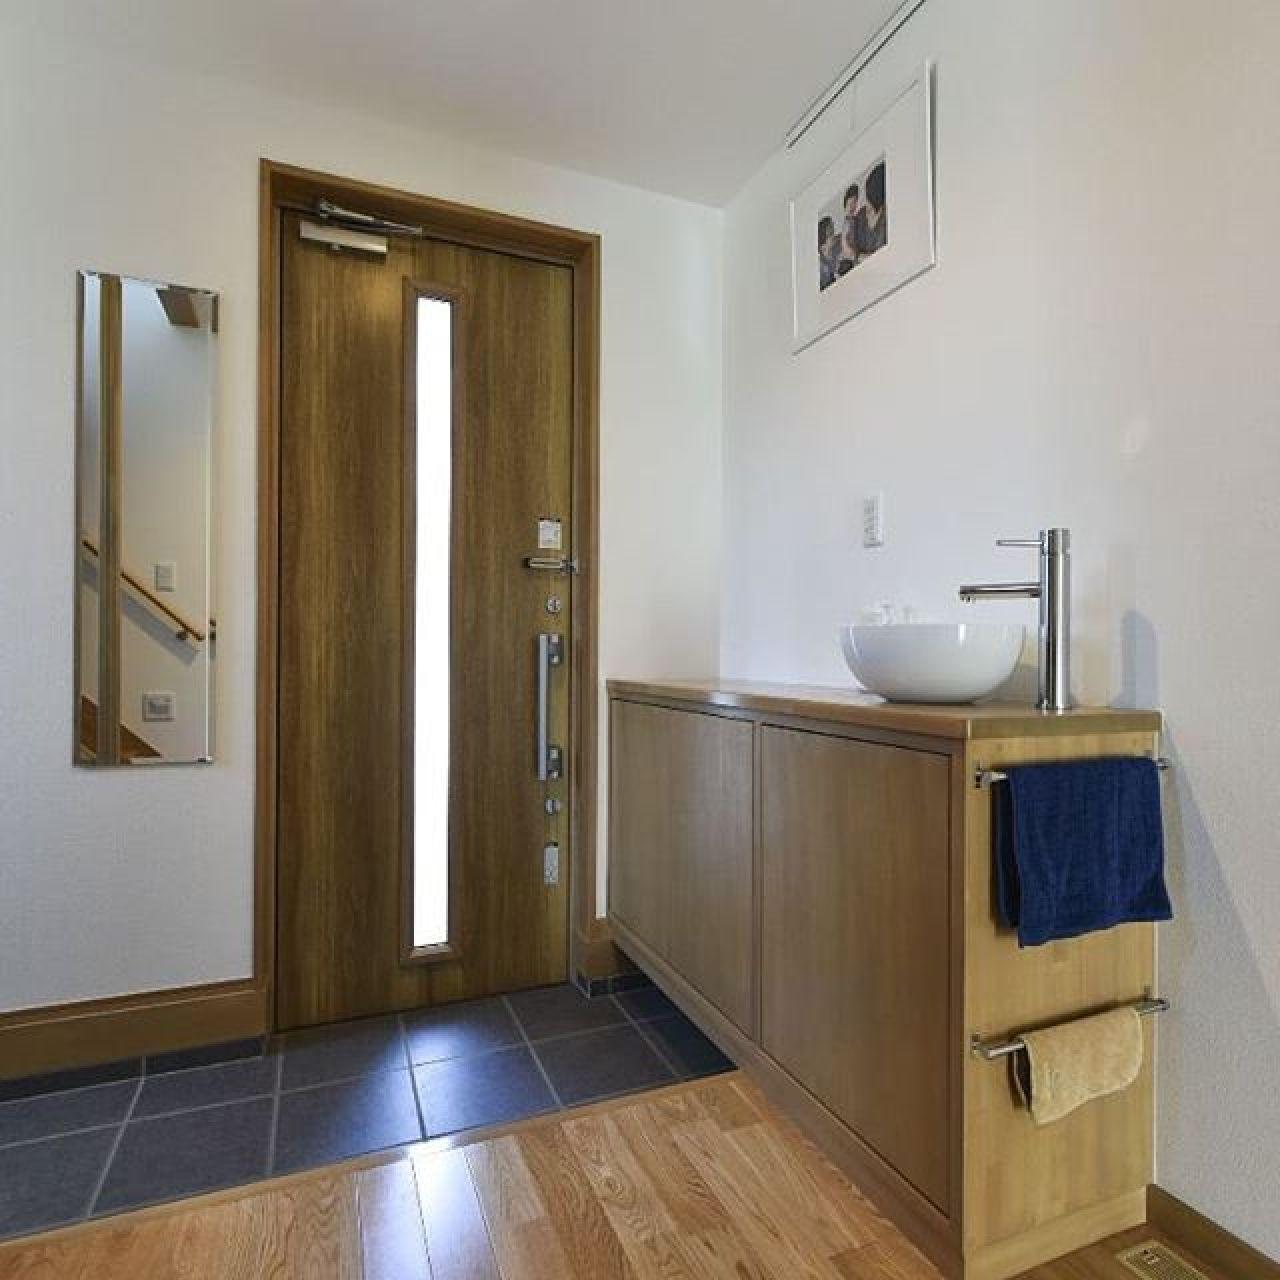 帰ってきたらすぐに手を洗う。小さなお子さんがいる家庭は玄関の手洗いは重宝するでしょう。#手洗い#玄関#ホール#タイル#スッキリ暮らす #サクラ #無垢#ムク#自然素材#注文住宅